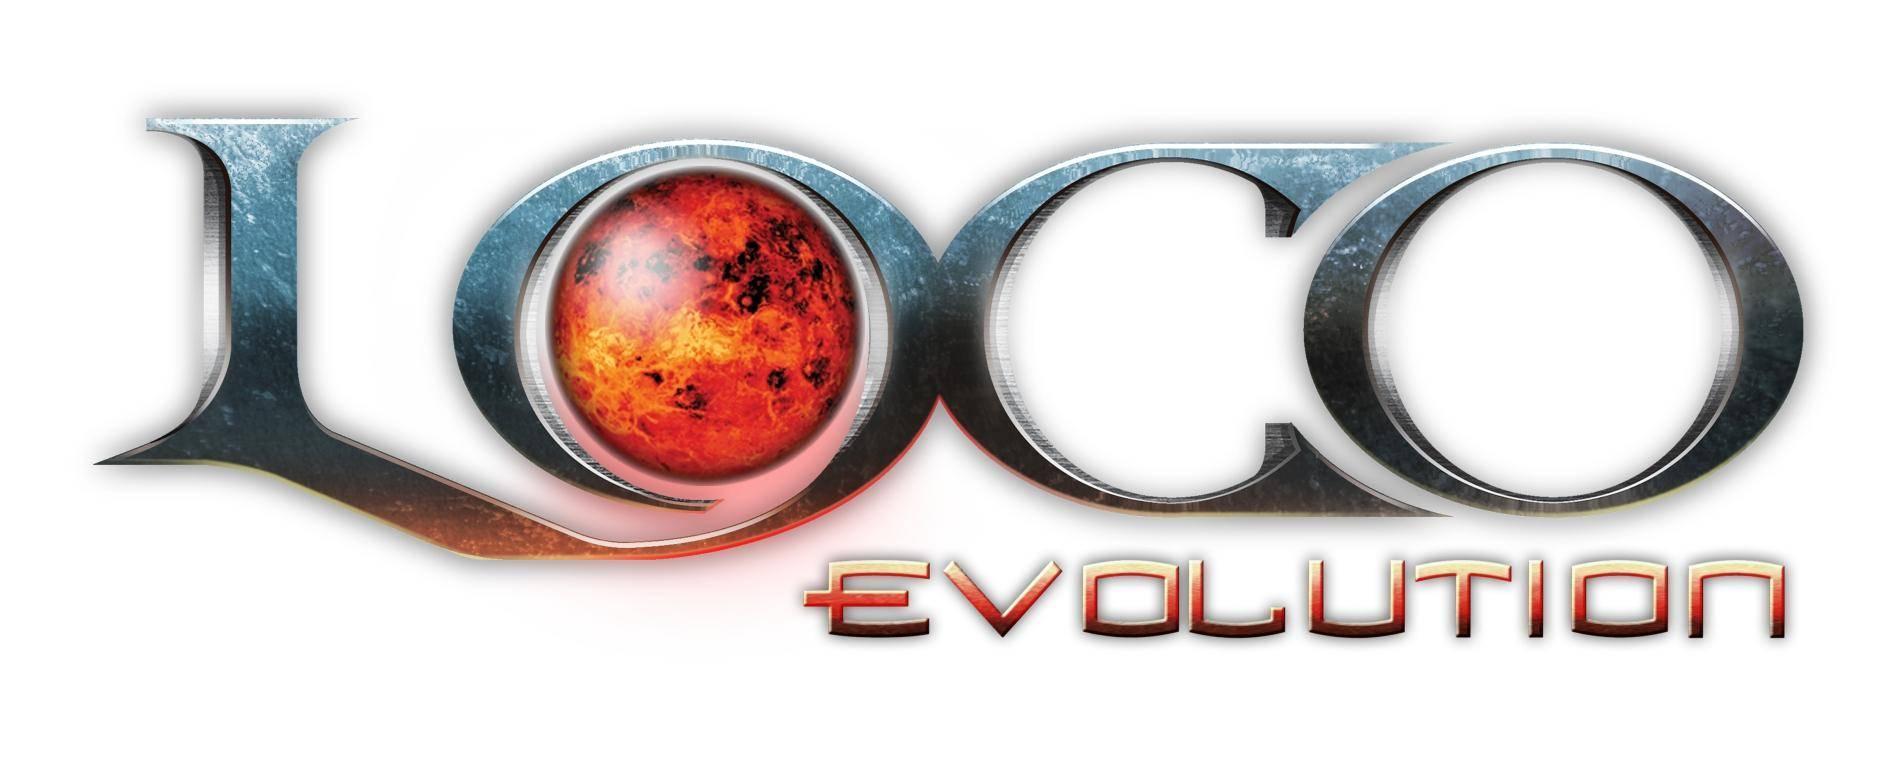 Klicke auf die Grafik für eine größere AnsichtName:LOCO Evolution_Logo.jpgHits:1893Größe:112,9 KBID:6985